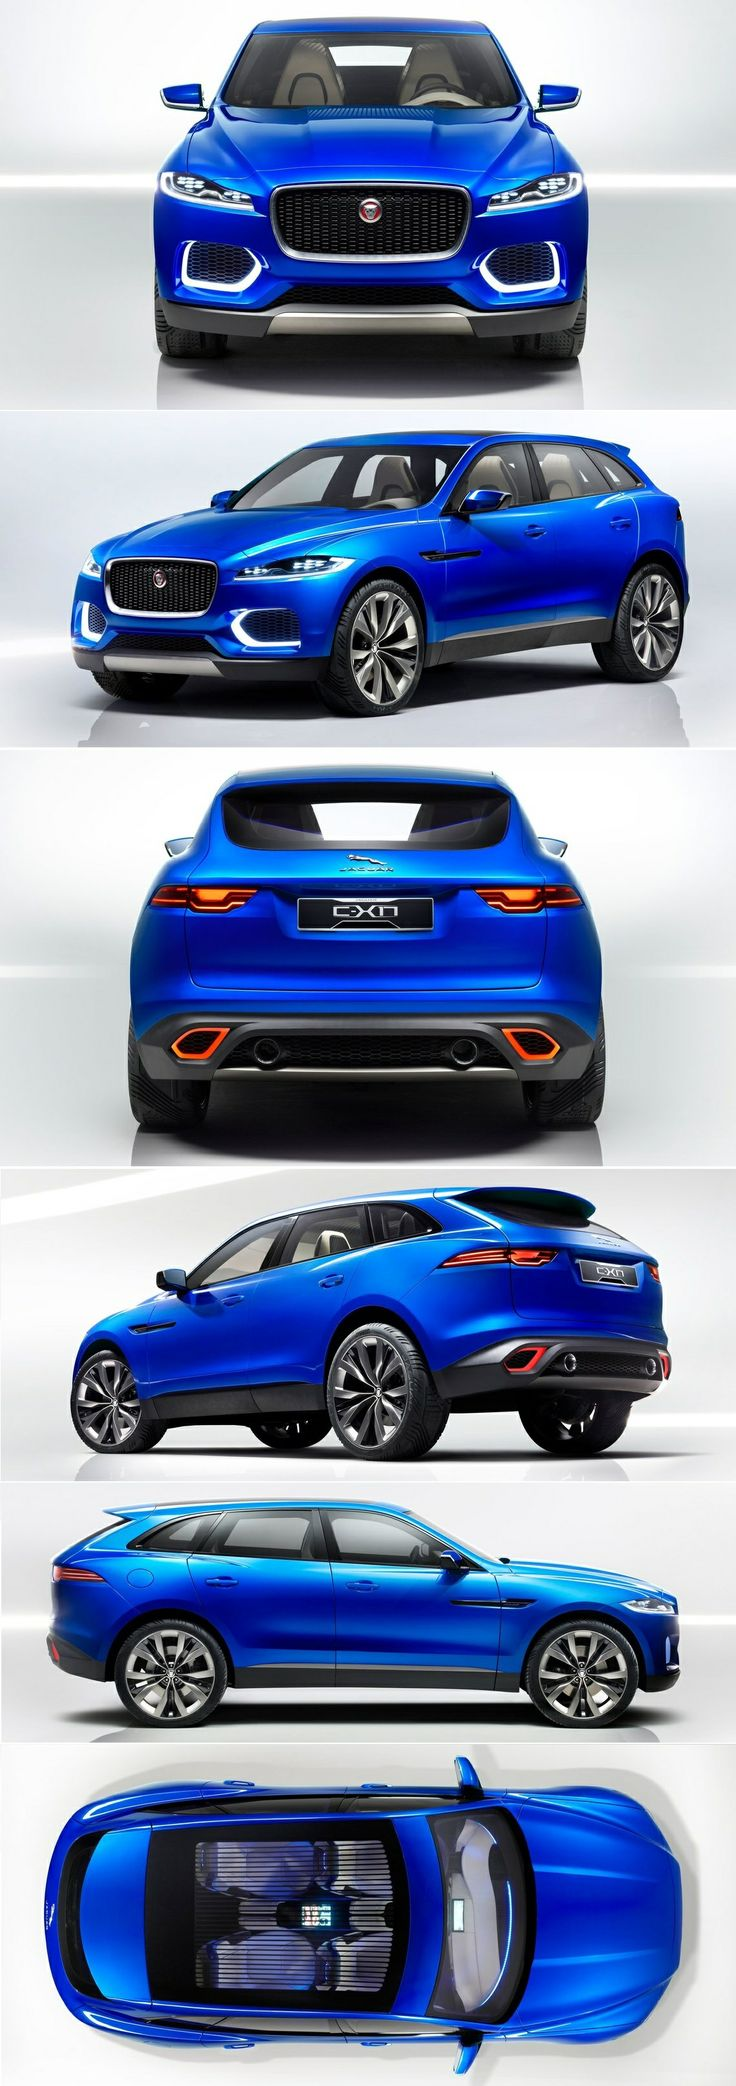 Jaguar C-X17 Concept (2013)